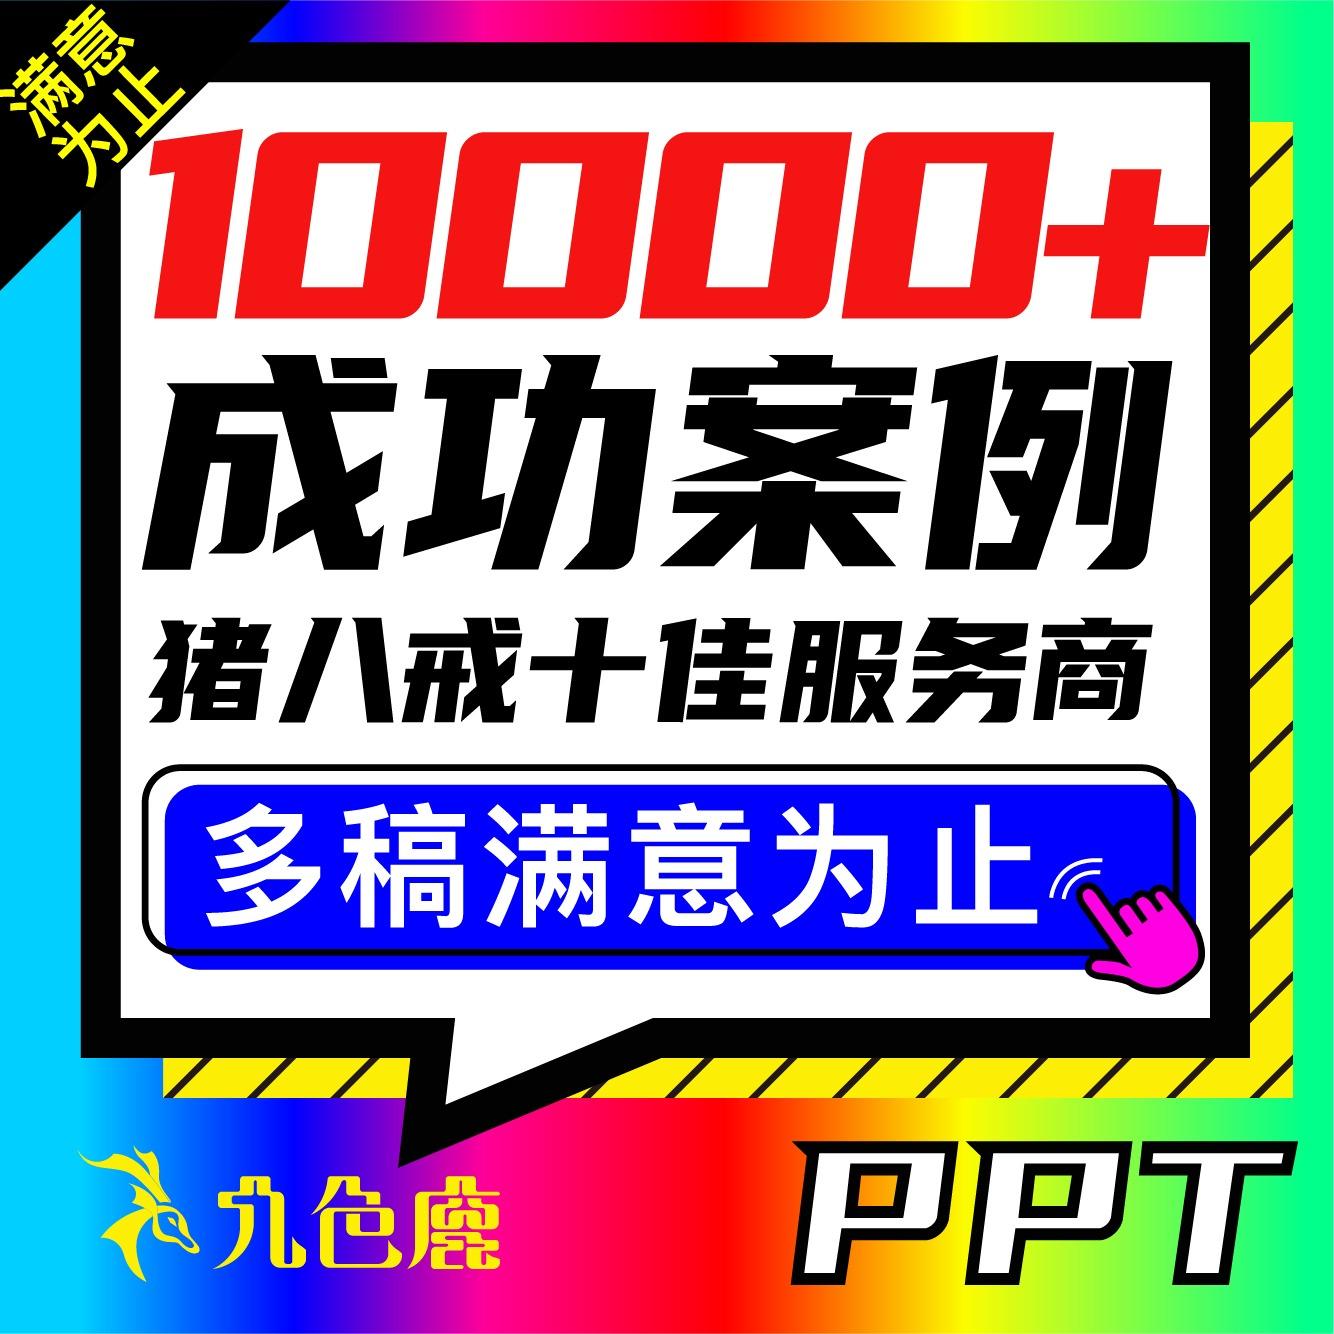 PPT美化PPT模板演讲工作汇报企业培训公司招聘招商投标企业